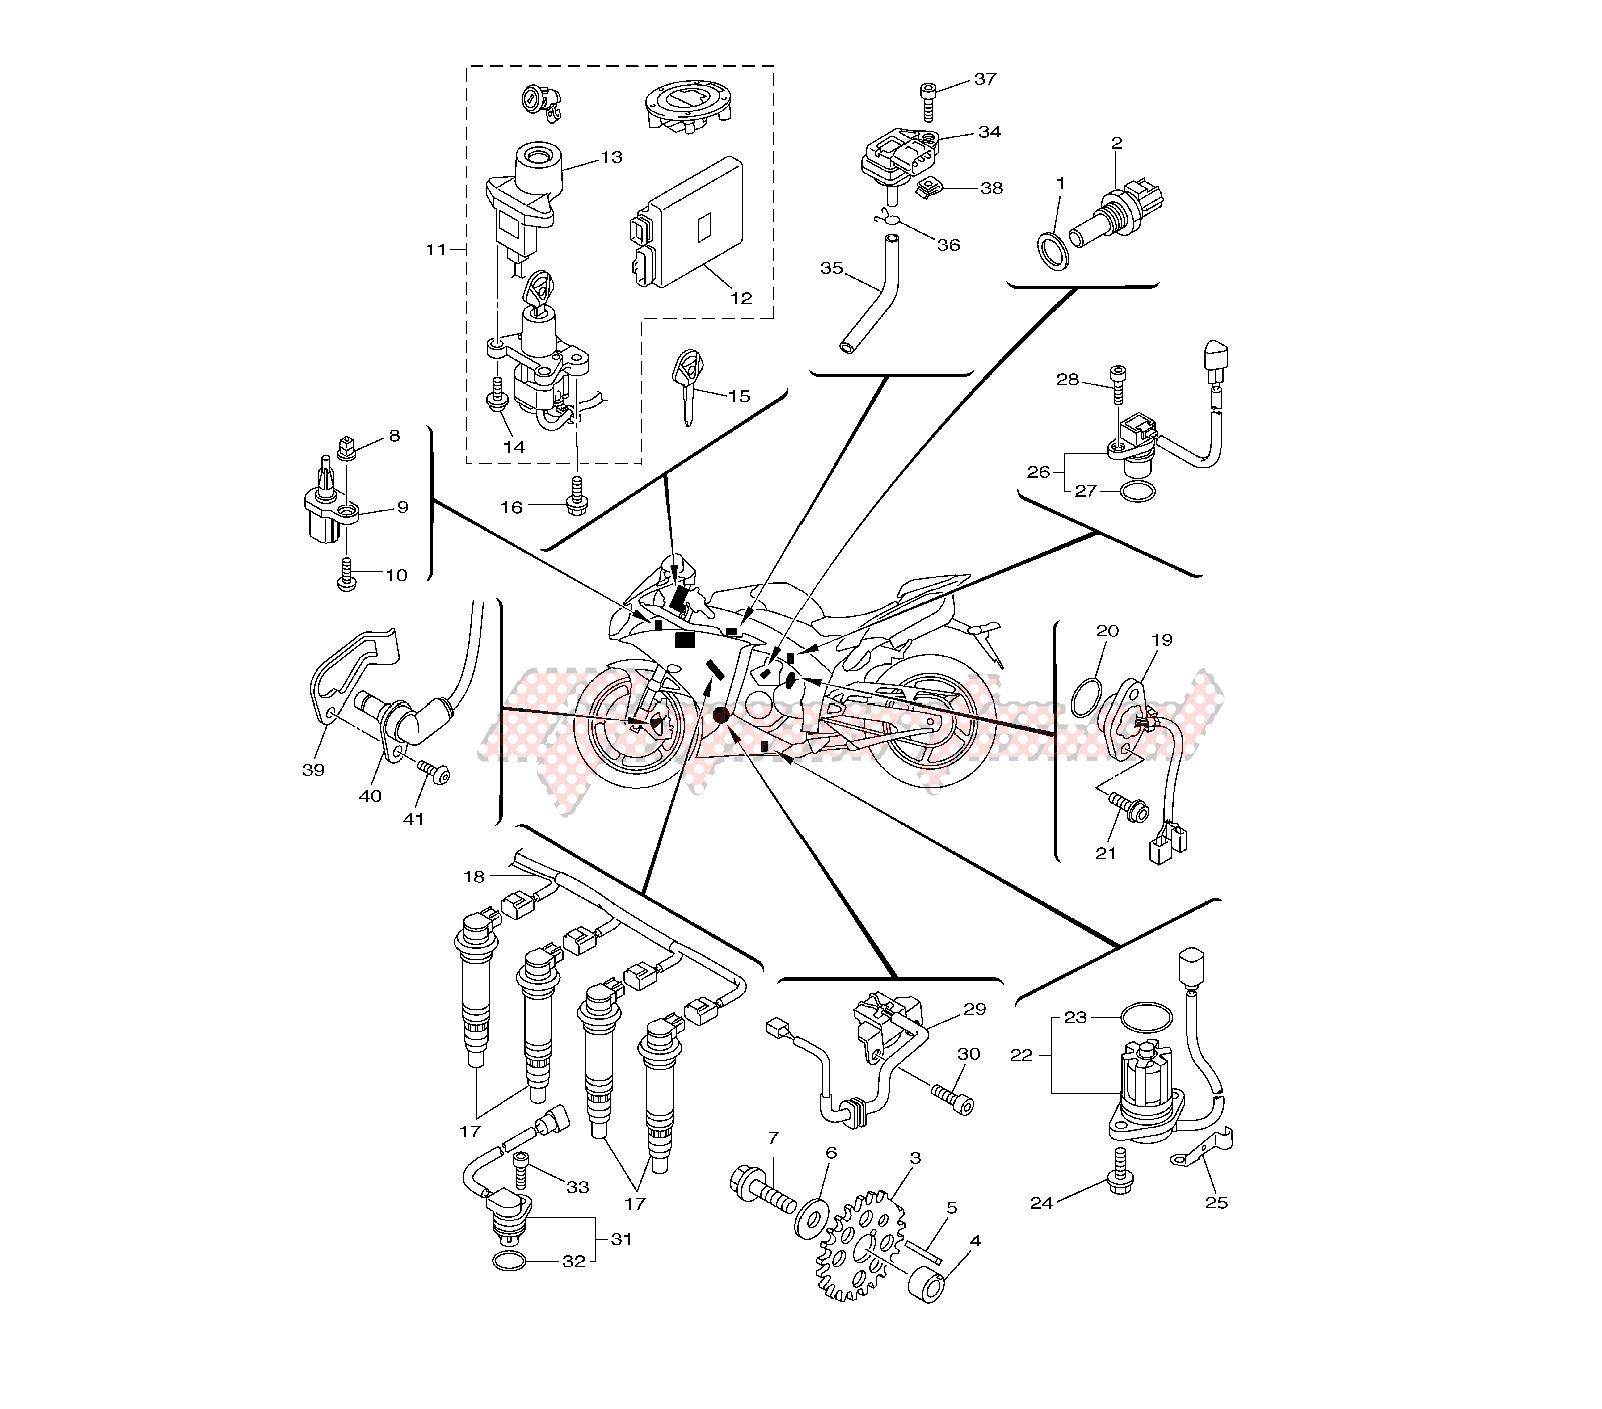 2006 yamaha r1 wiring diagram 2012 yzf r1 wiring diagram e27 wiring diagram  2012 yzf r1 wiring diagram e27 wiring